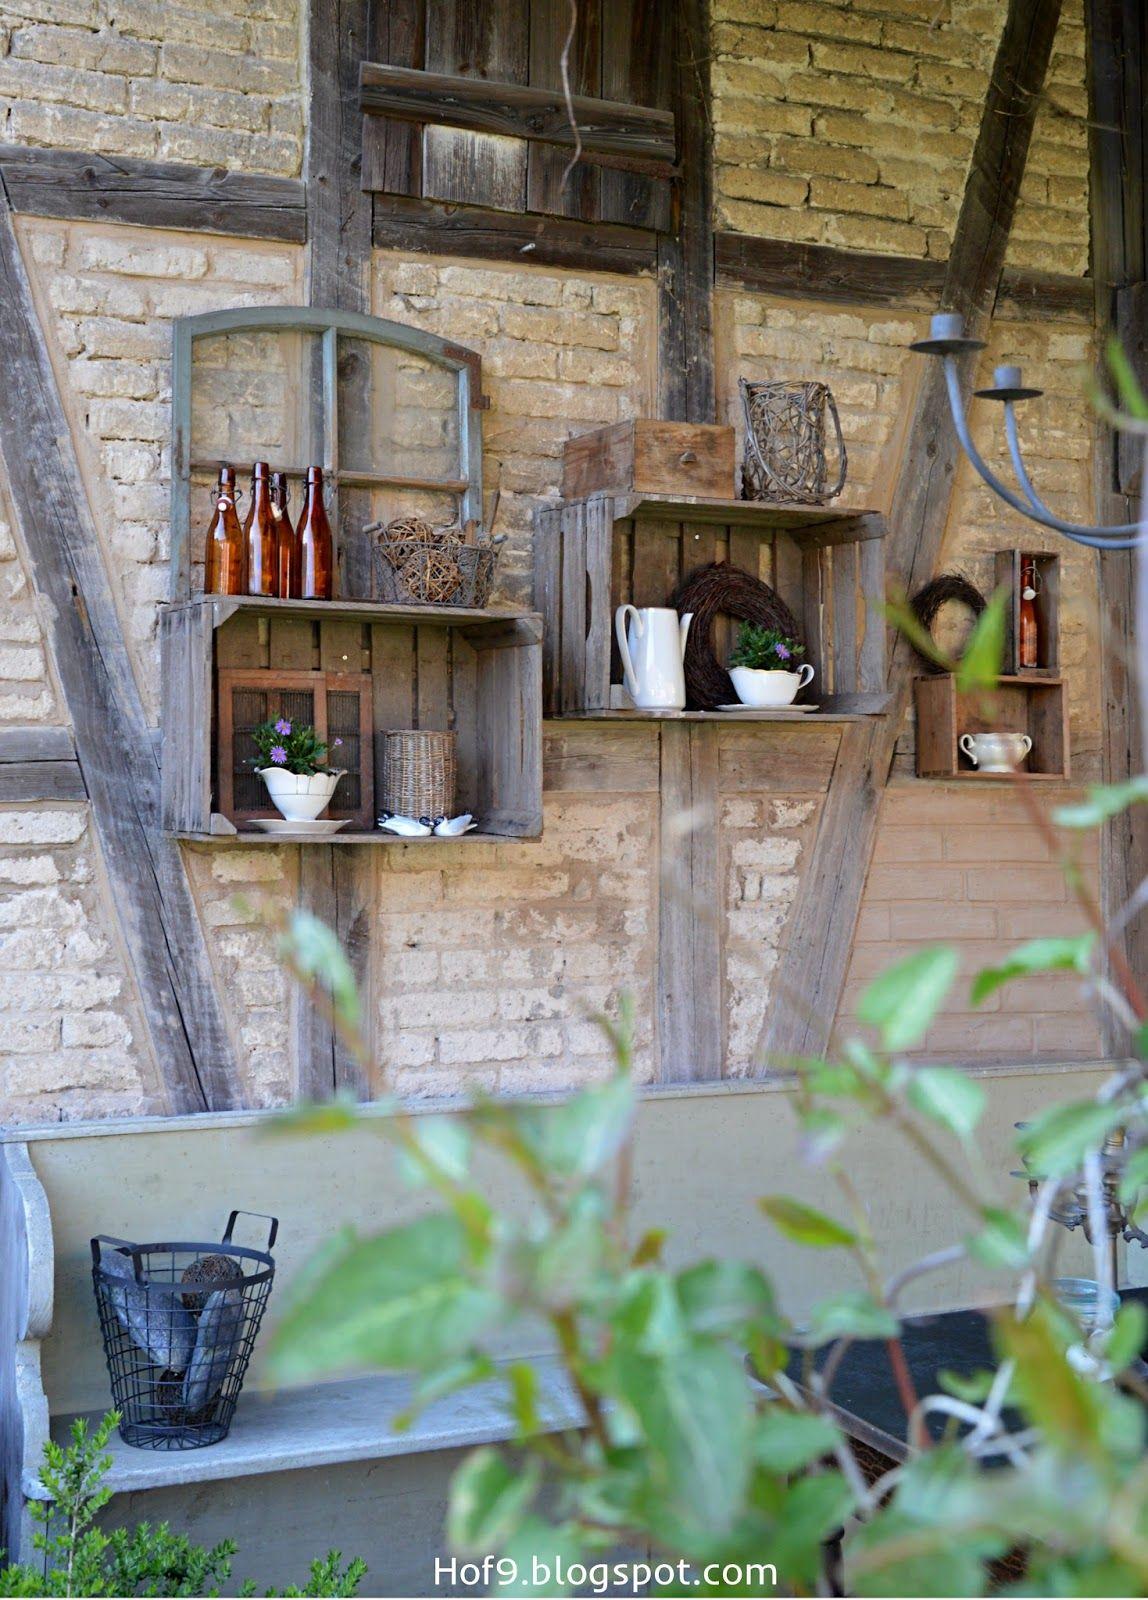 Gartendekoration Aus Alten Apfelkisten Gartendekoration Im Shabby